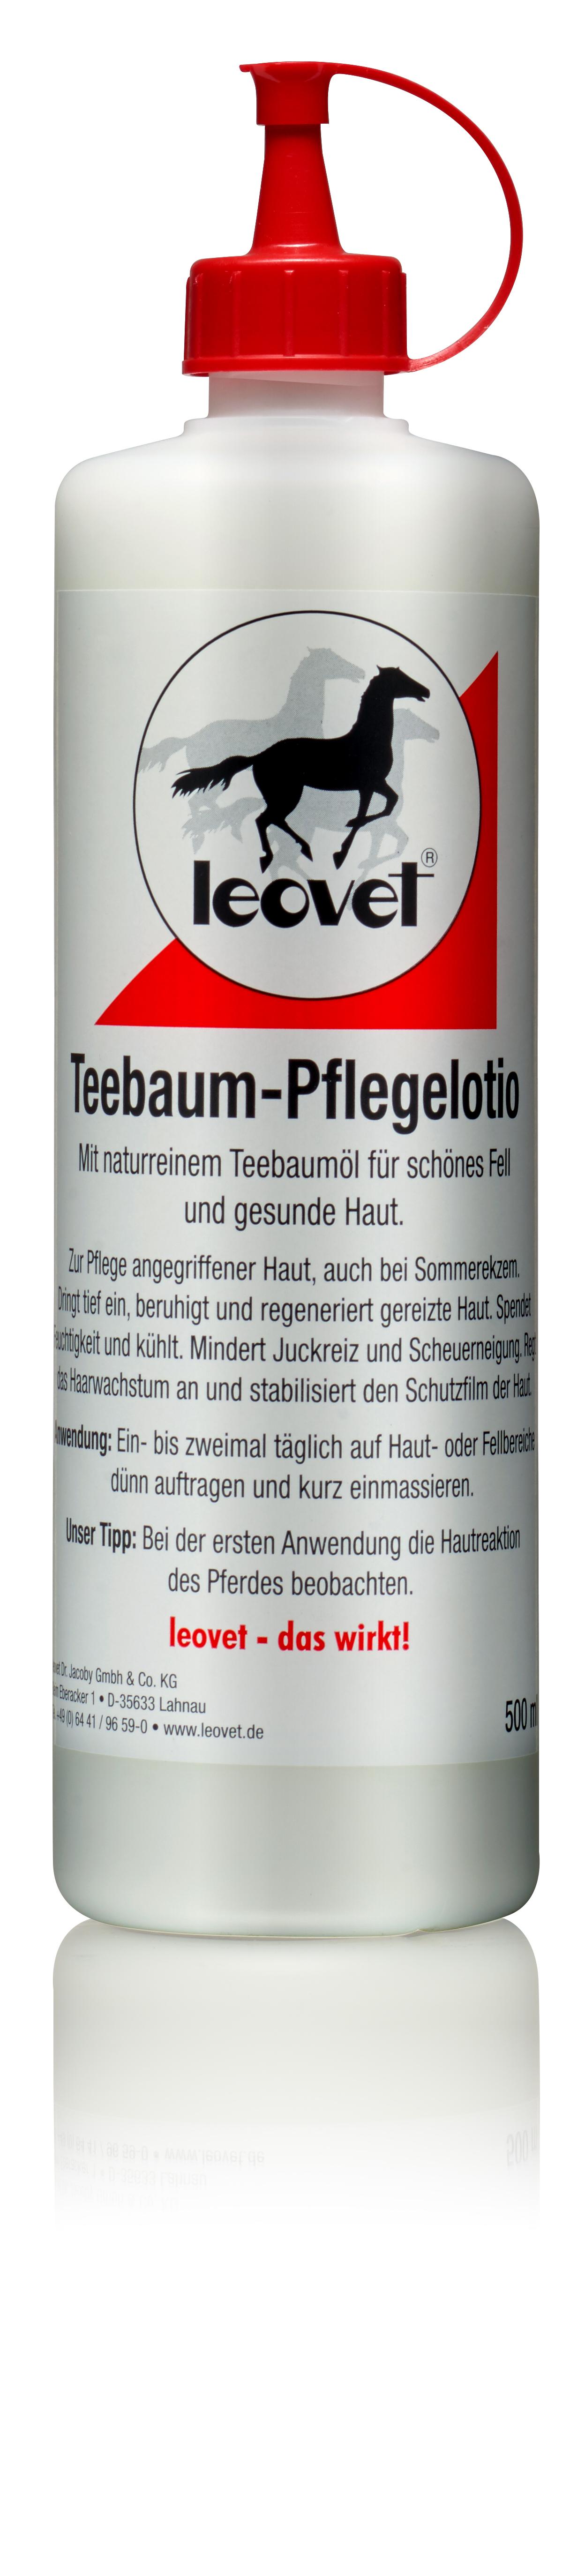 Leovet Teebaum Pflegelotion Flasche zur Pflege angegriffener Haut 500 ml Ekzem